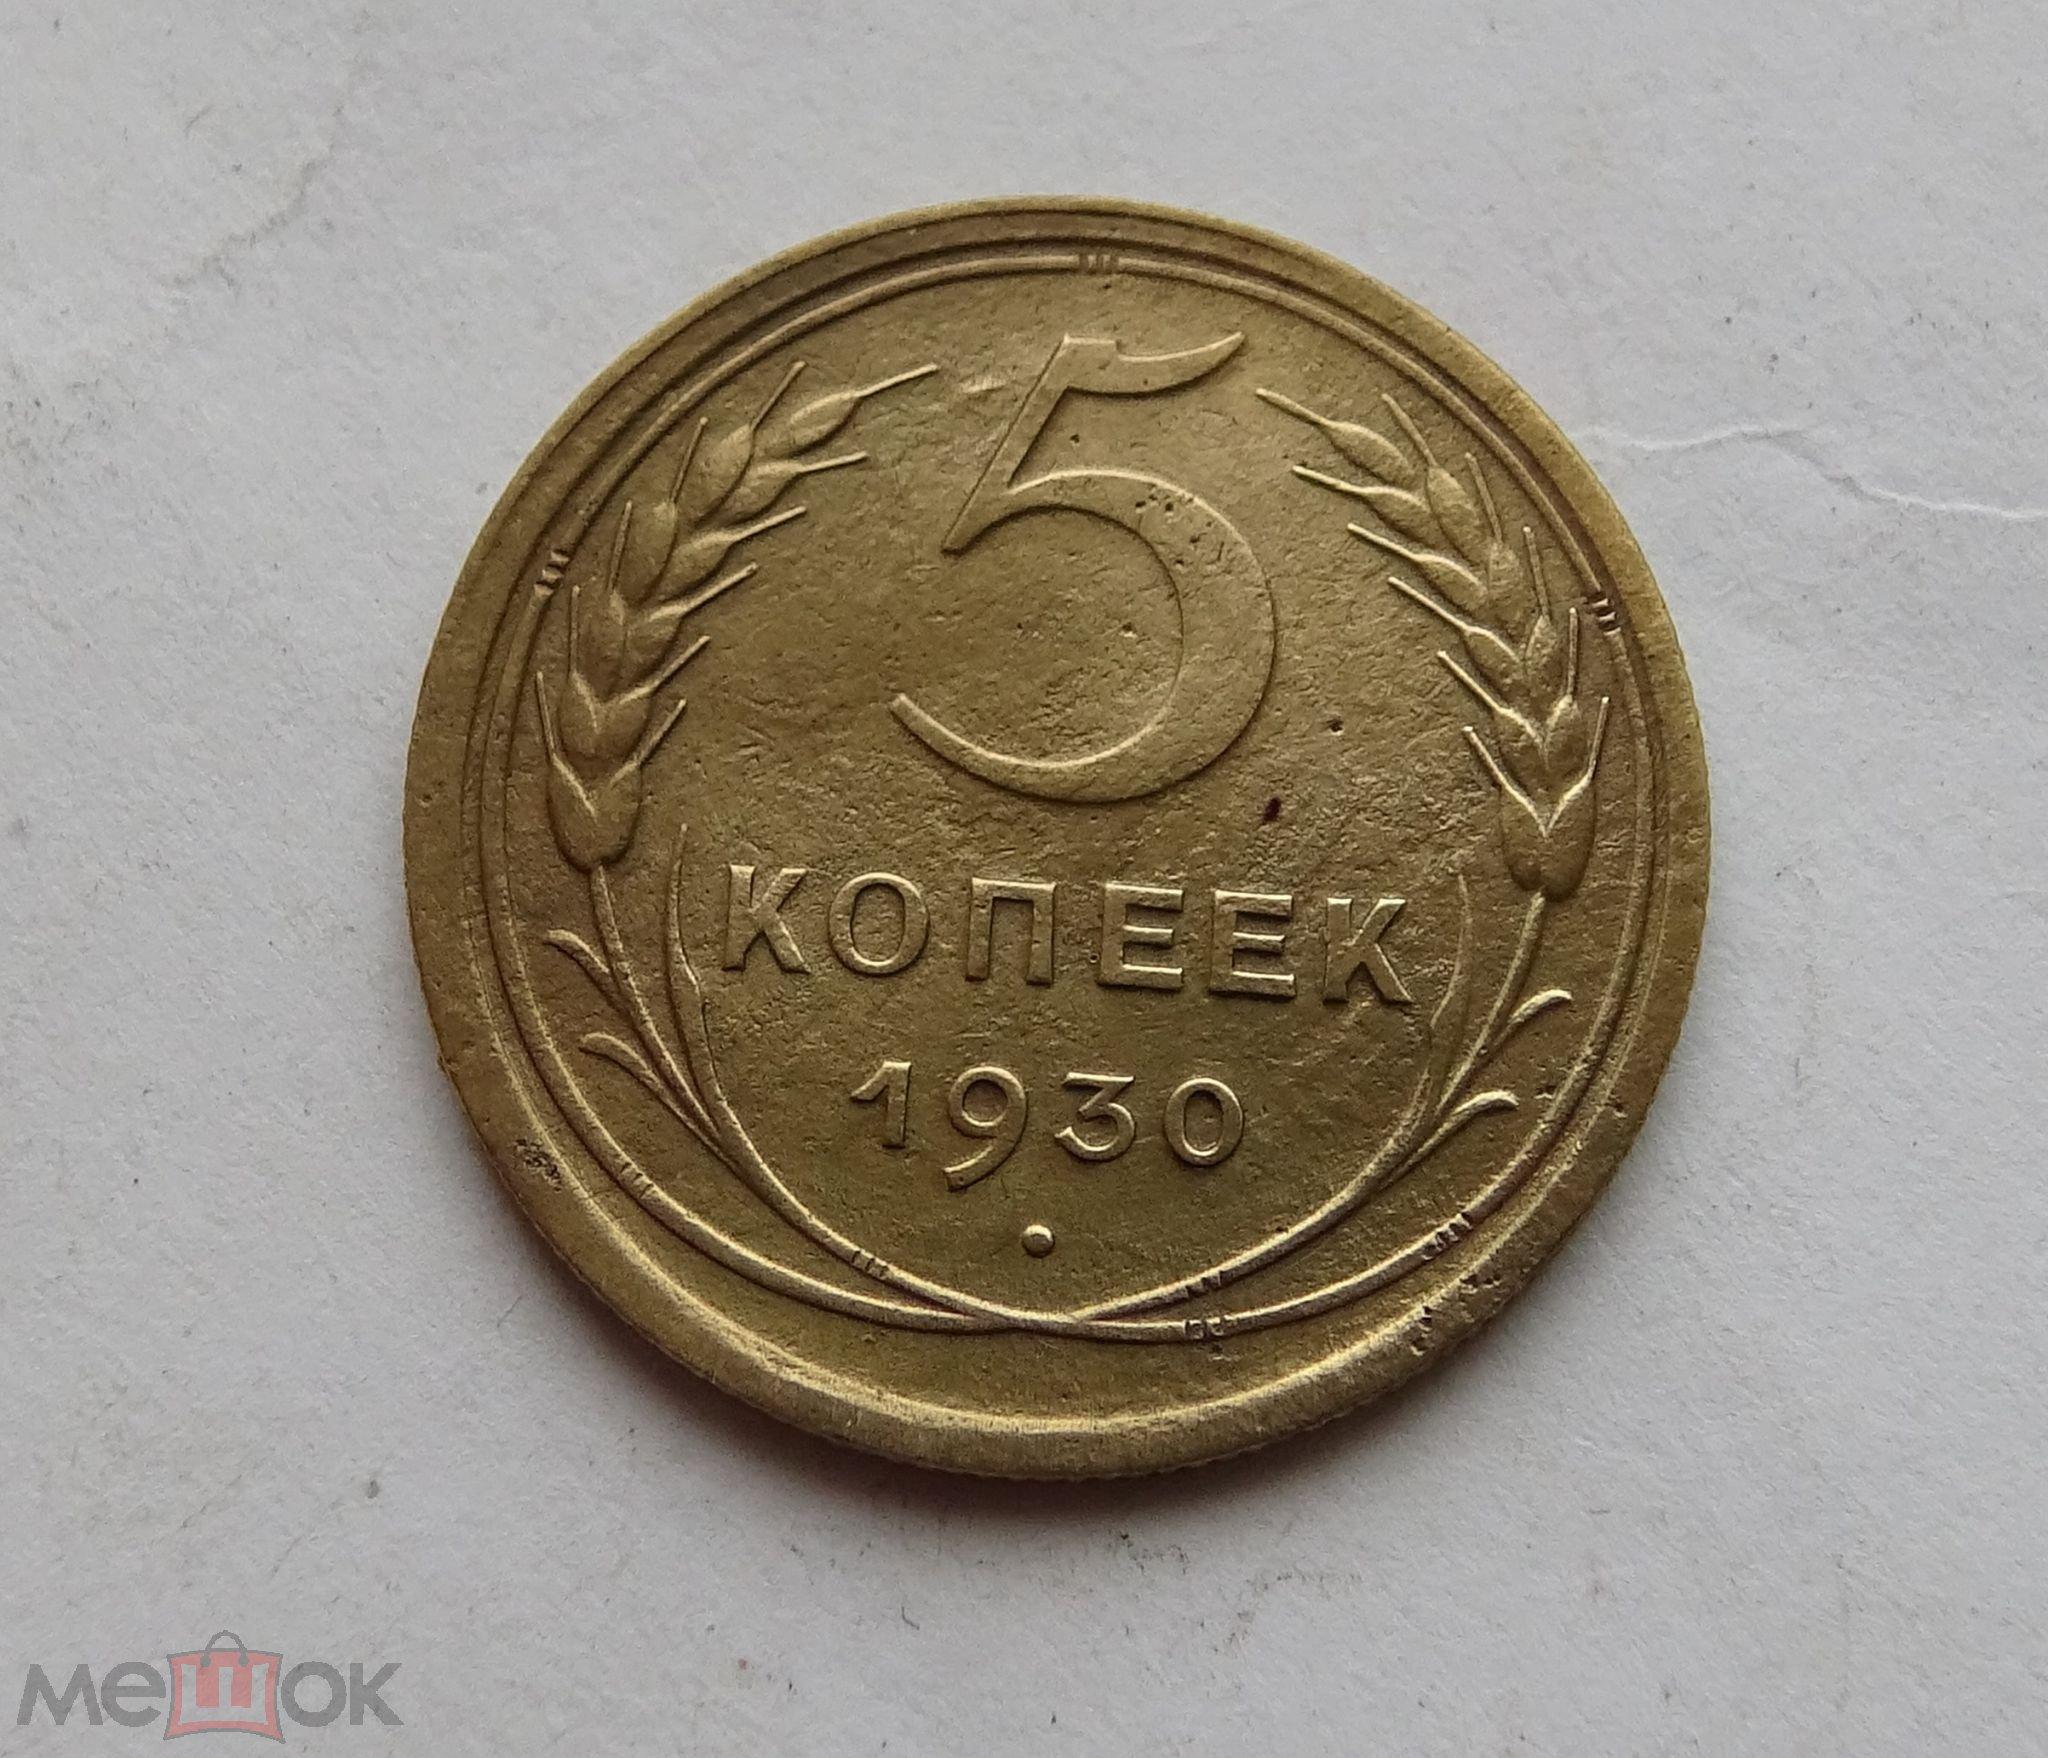 5 копеек 1930 ранние советы СССР редкая монета. ОРИГИНАЛ